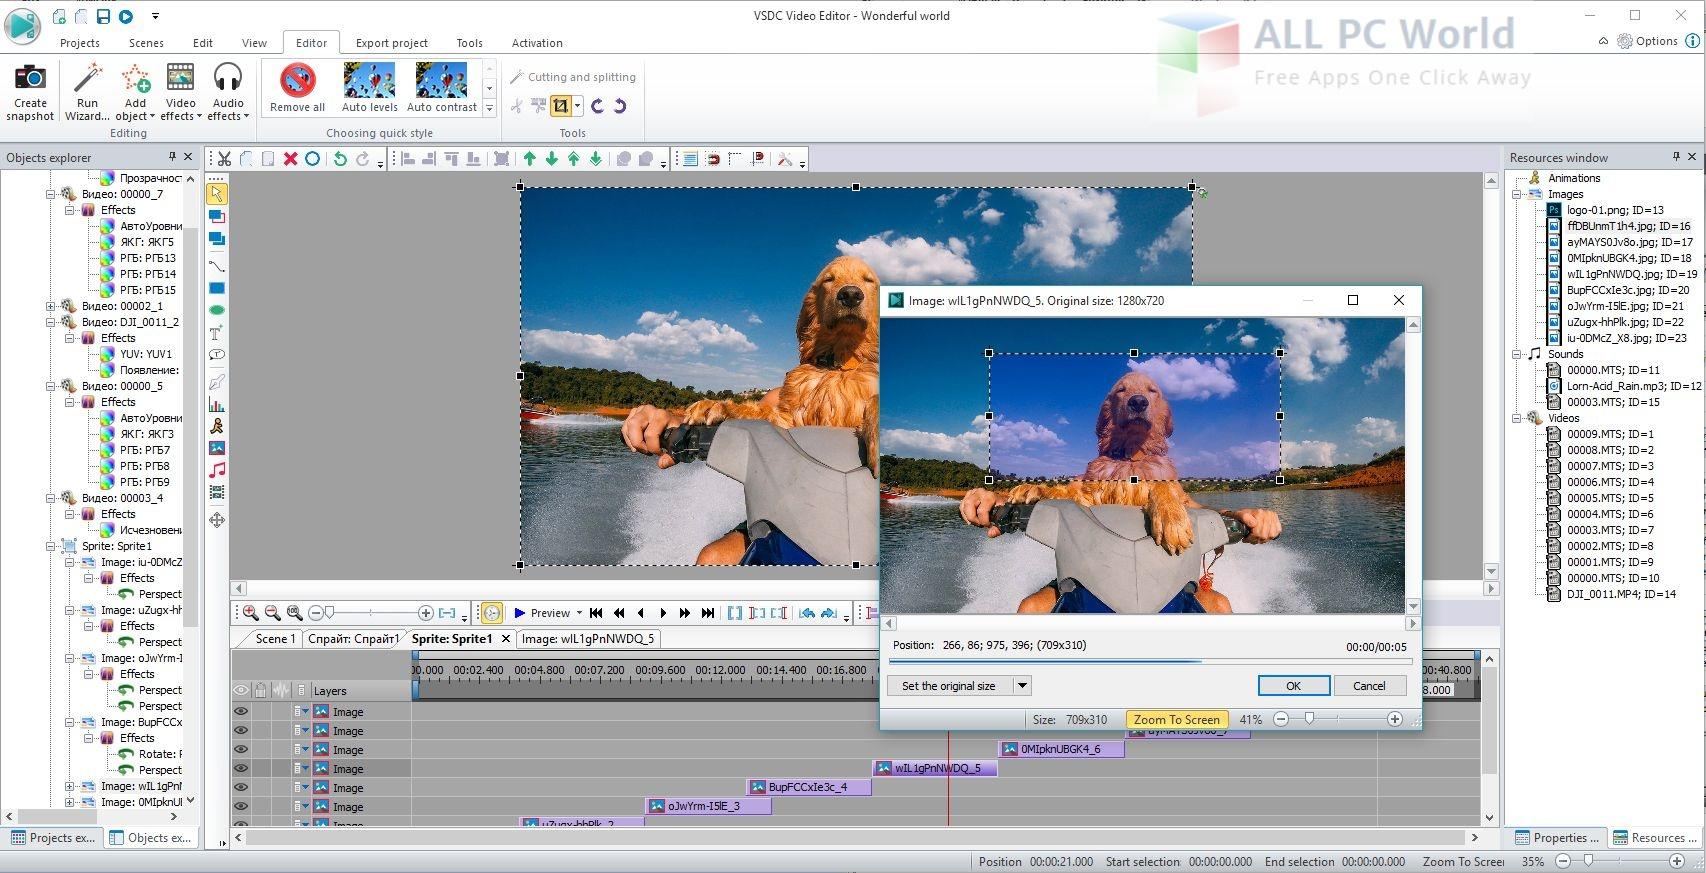 VSDC Video Editor Pro v5 Review